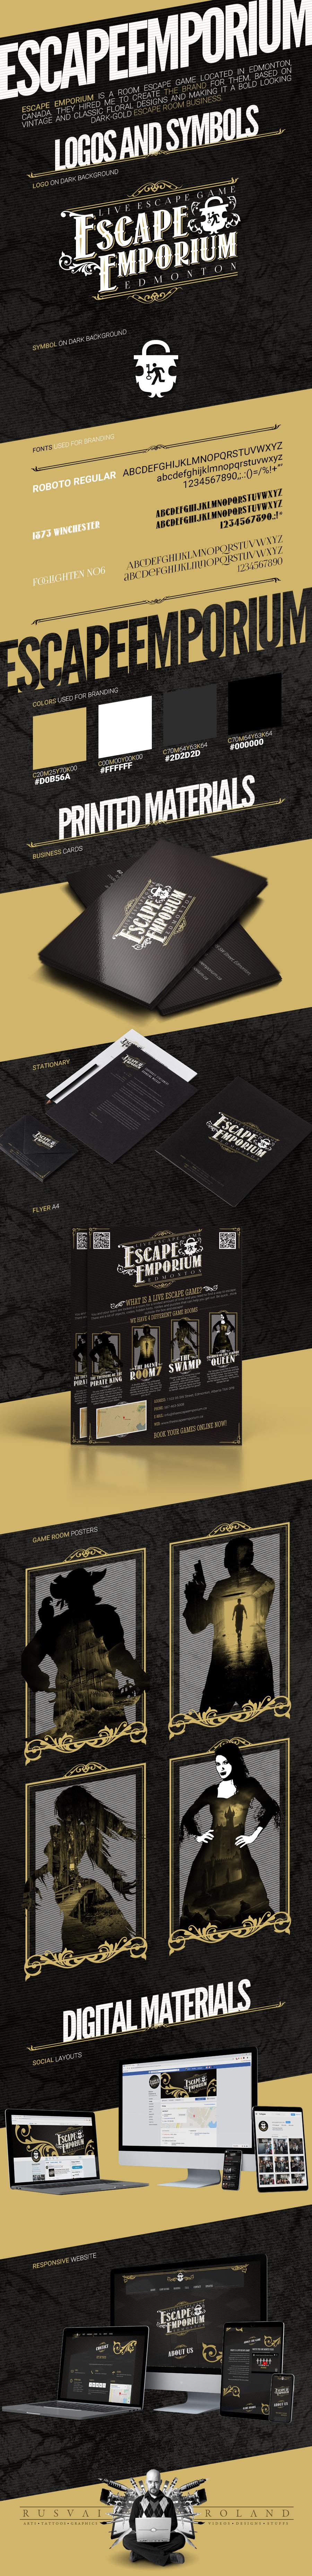 escape emporium full identity branding